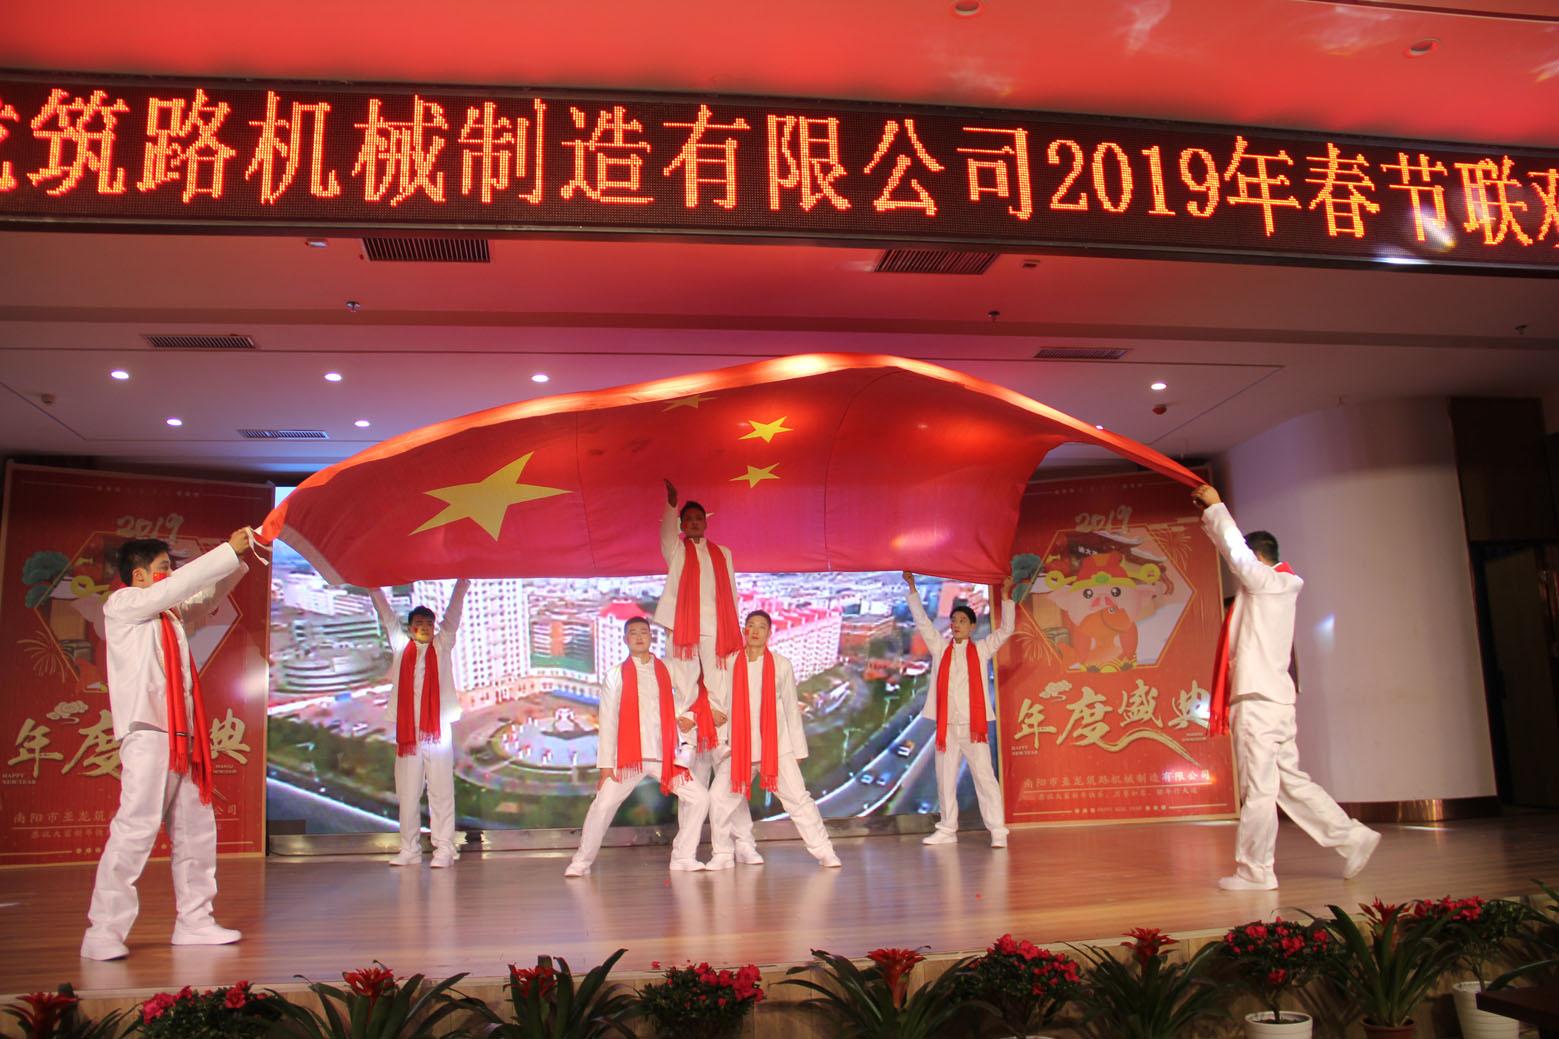 2019年春节联欢晚会